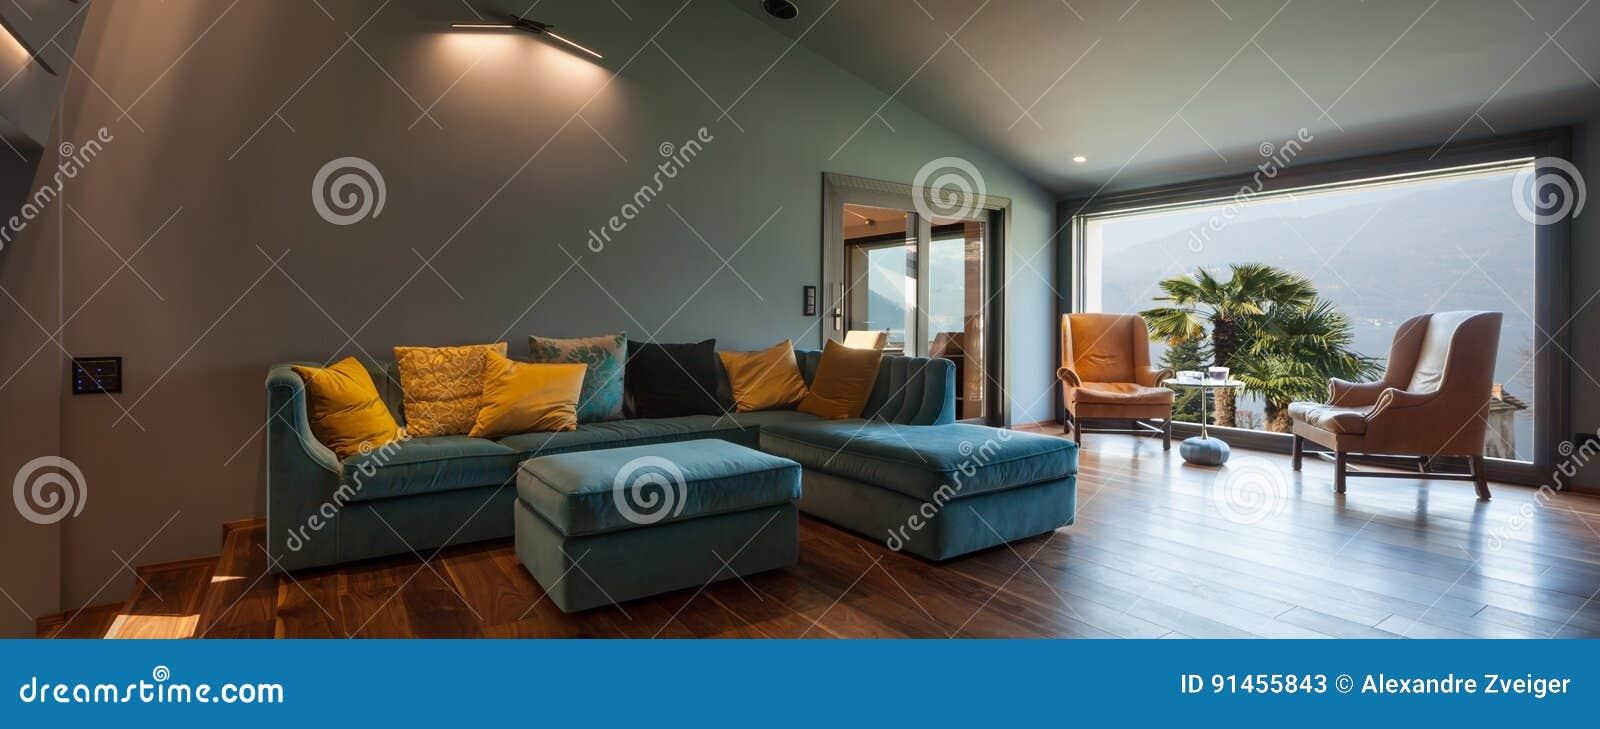 Intérieur D Une Villa Moderne De Luxe Salon Image Stock